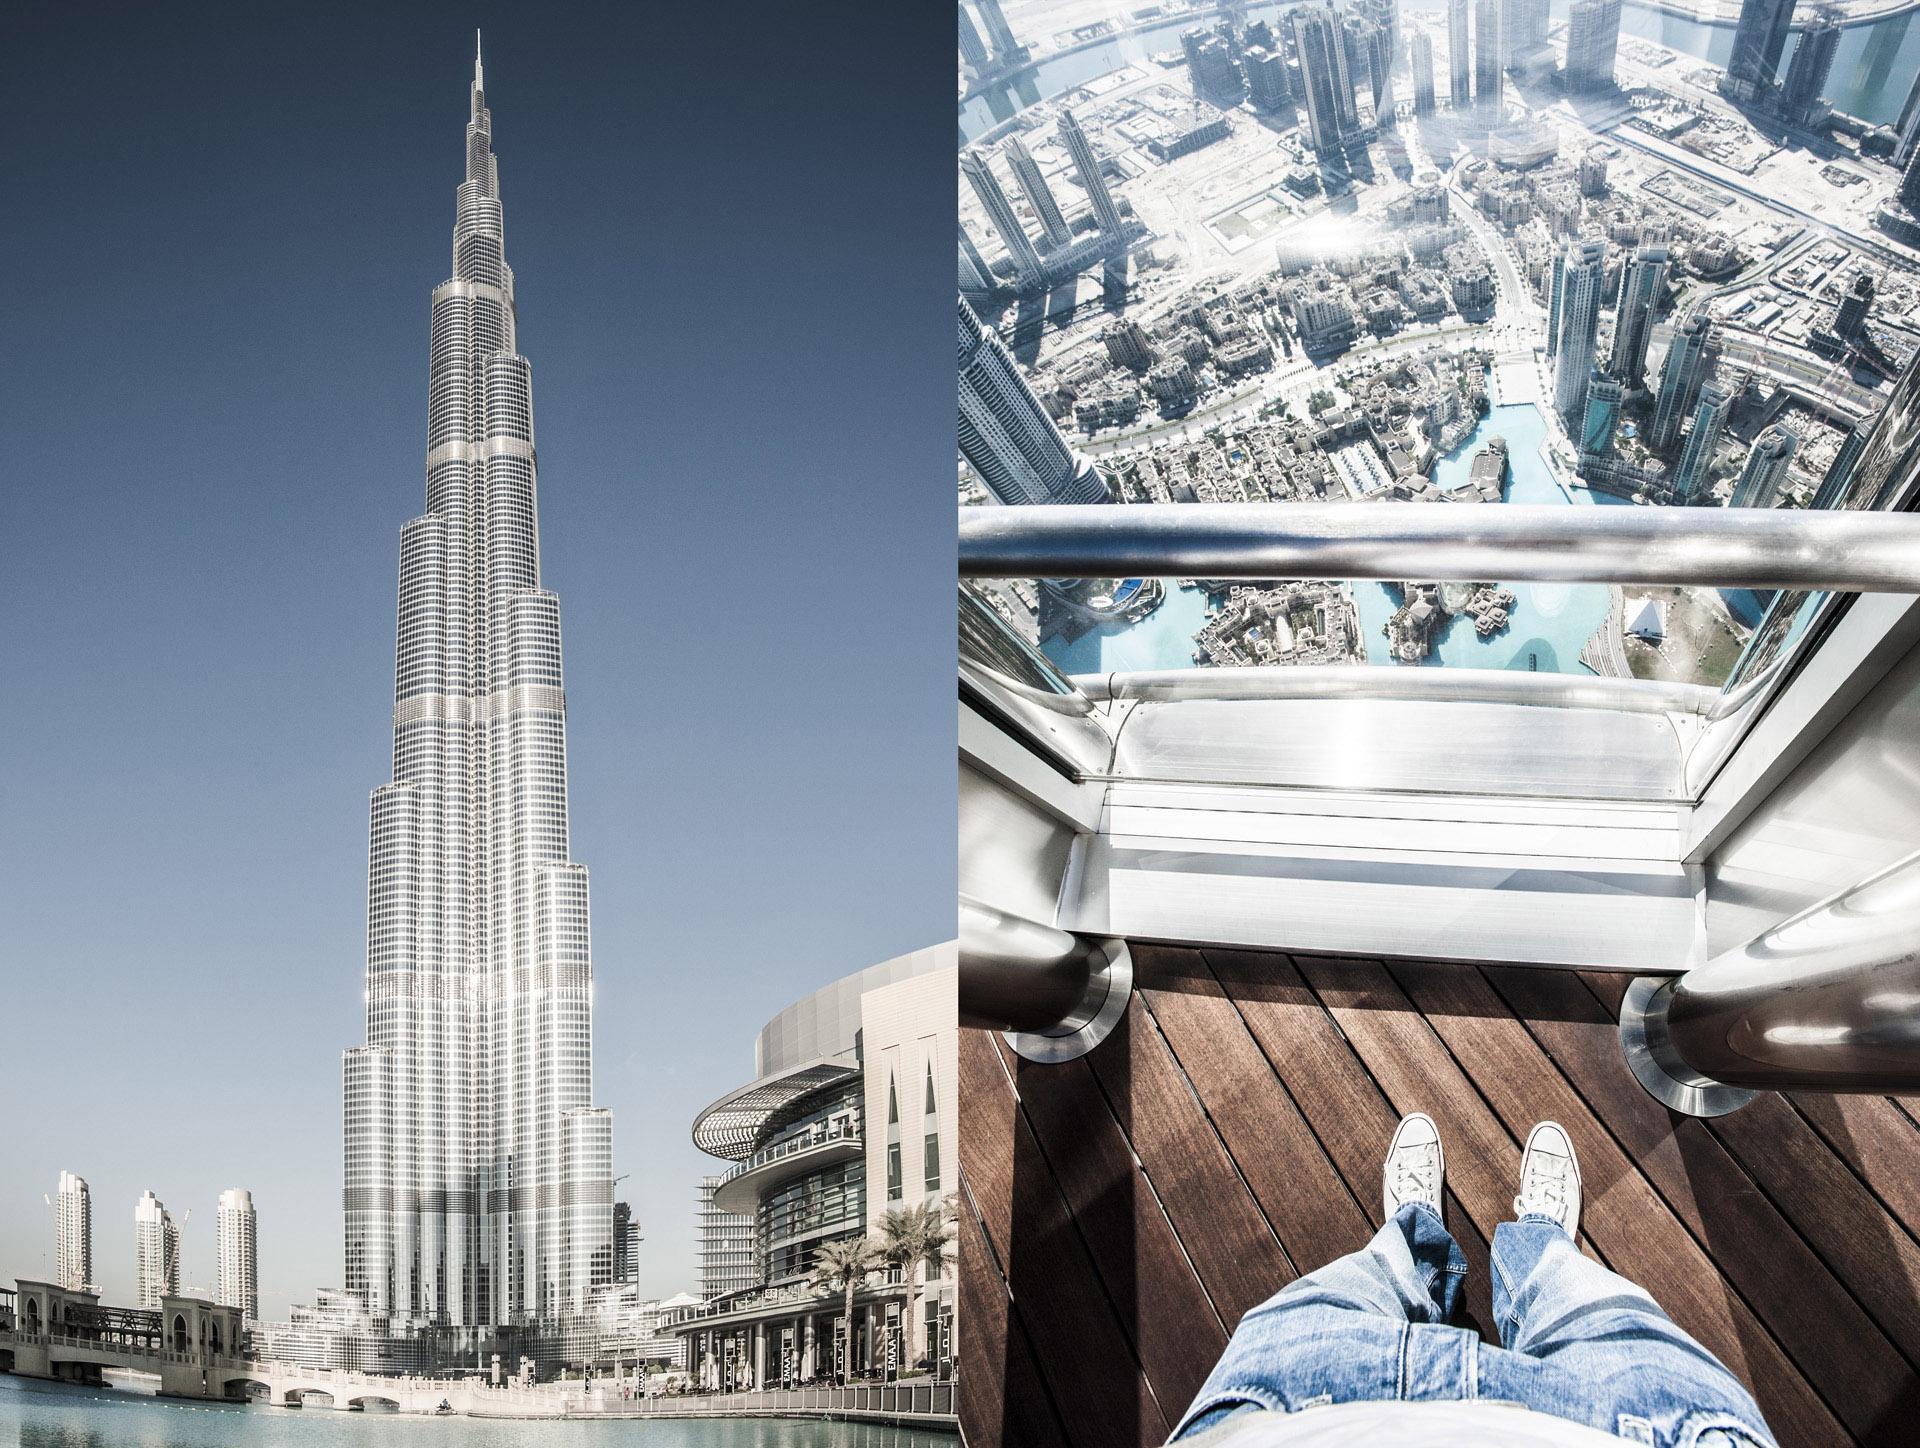 DSC0062x - Dubai